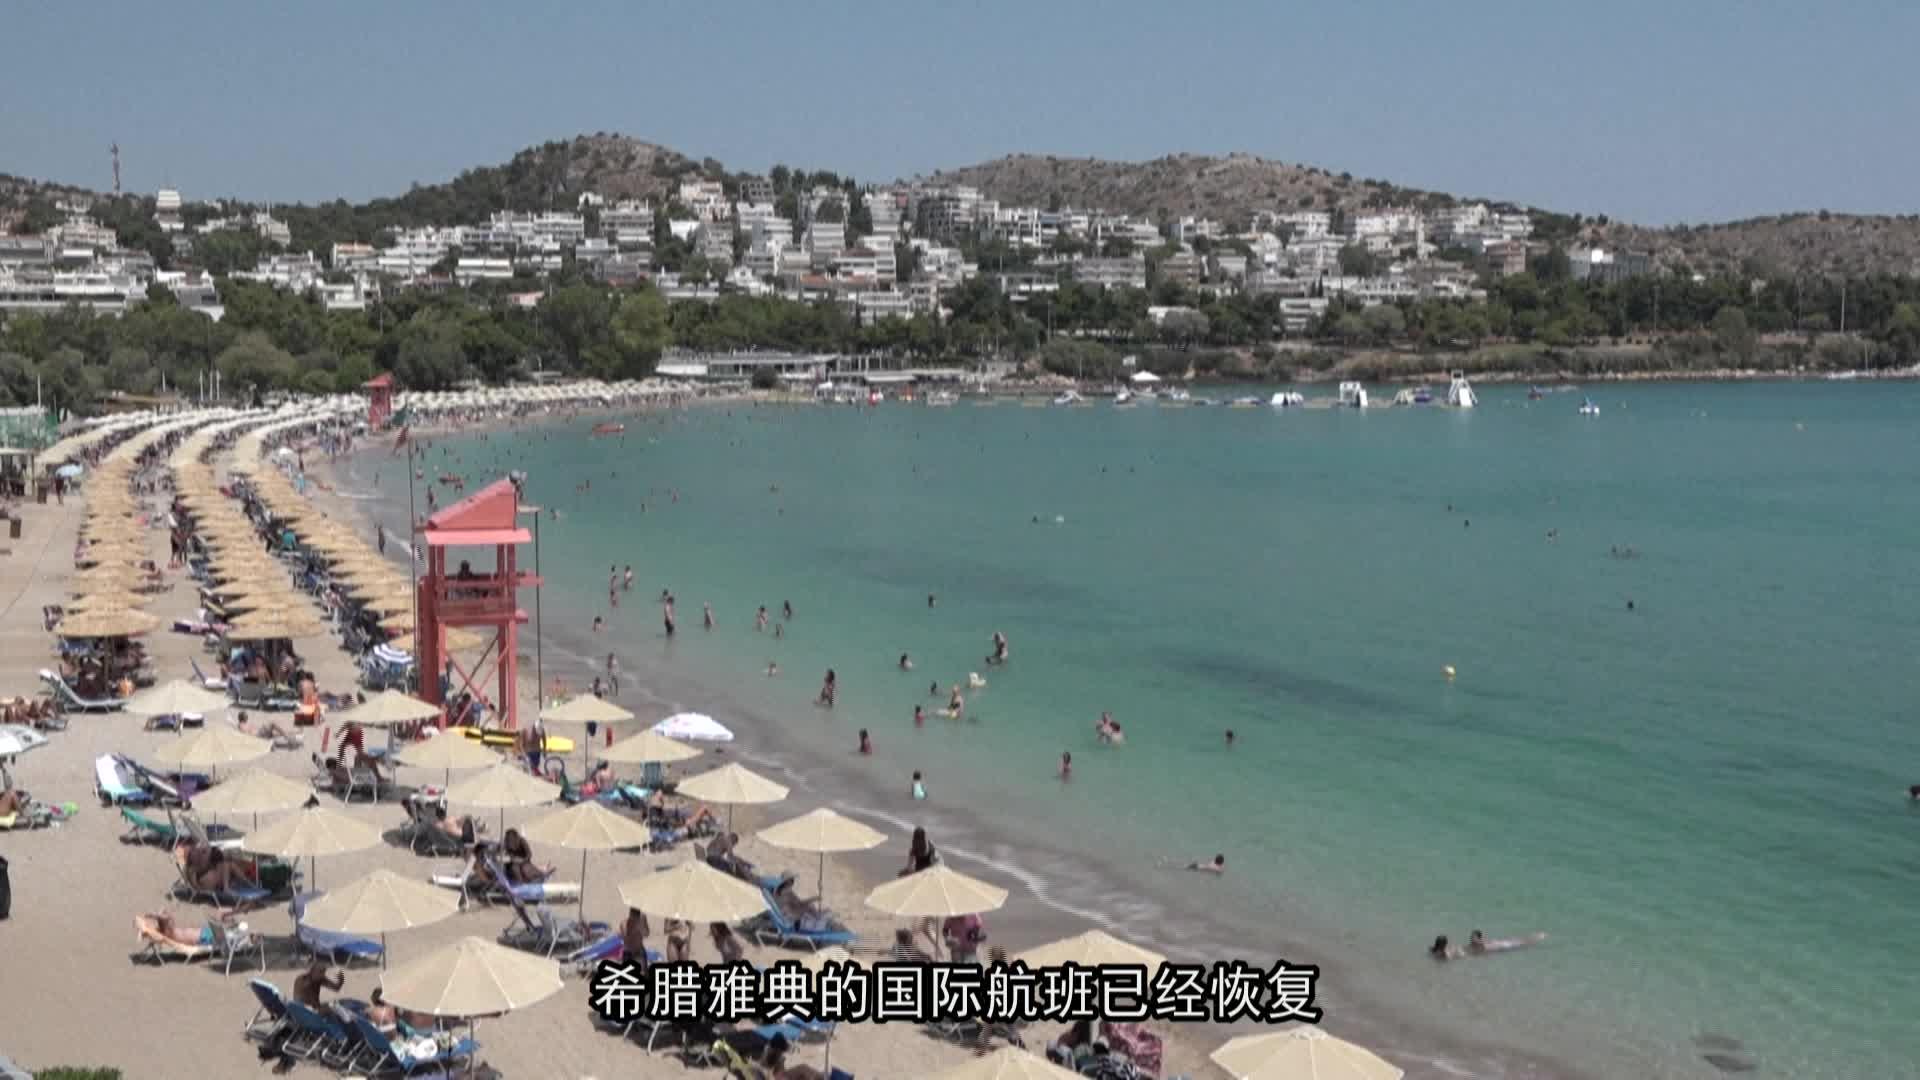 希腊雅典国际旅游逐步恢复